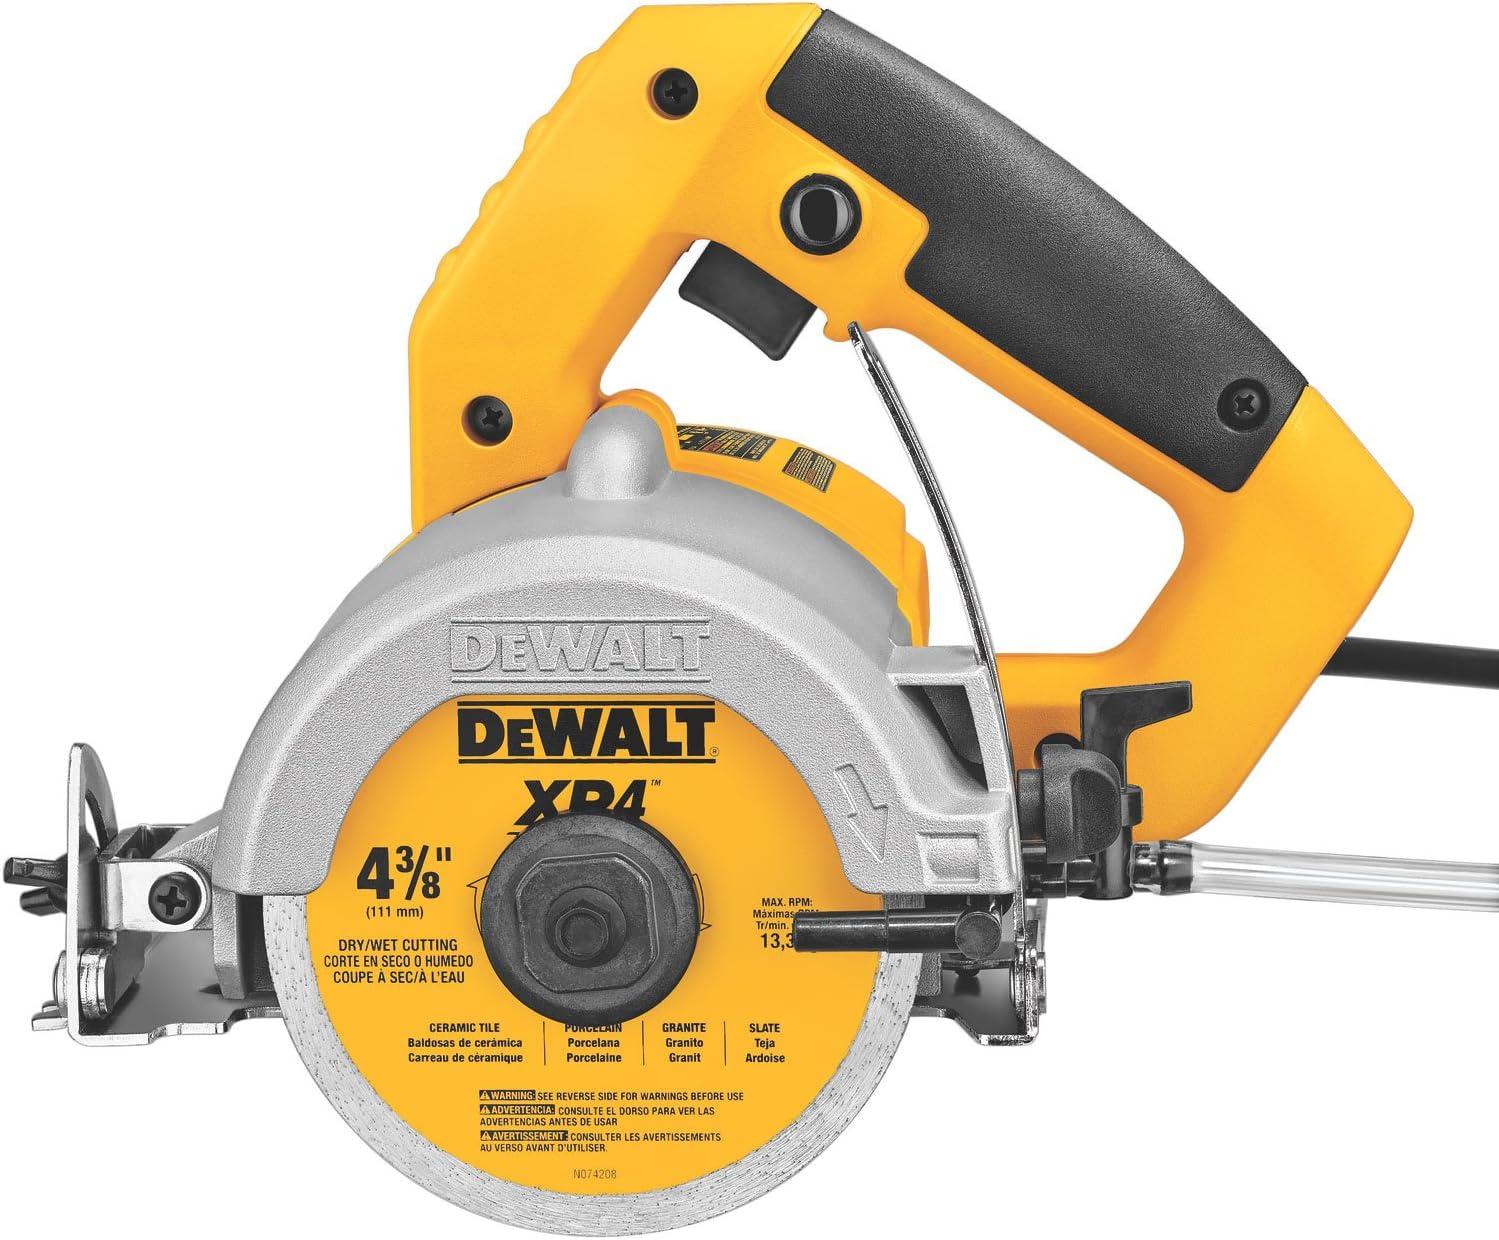 DEWALT – DWC860W - best wet tile saw